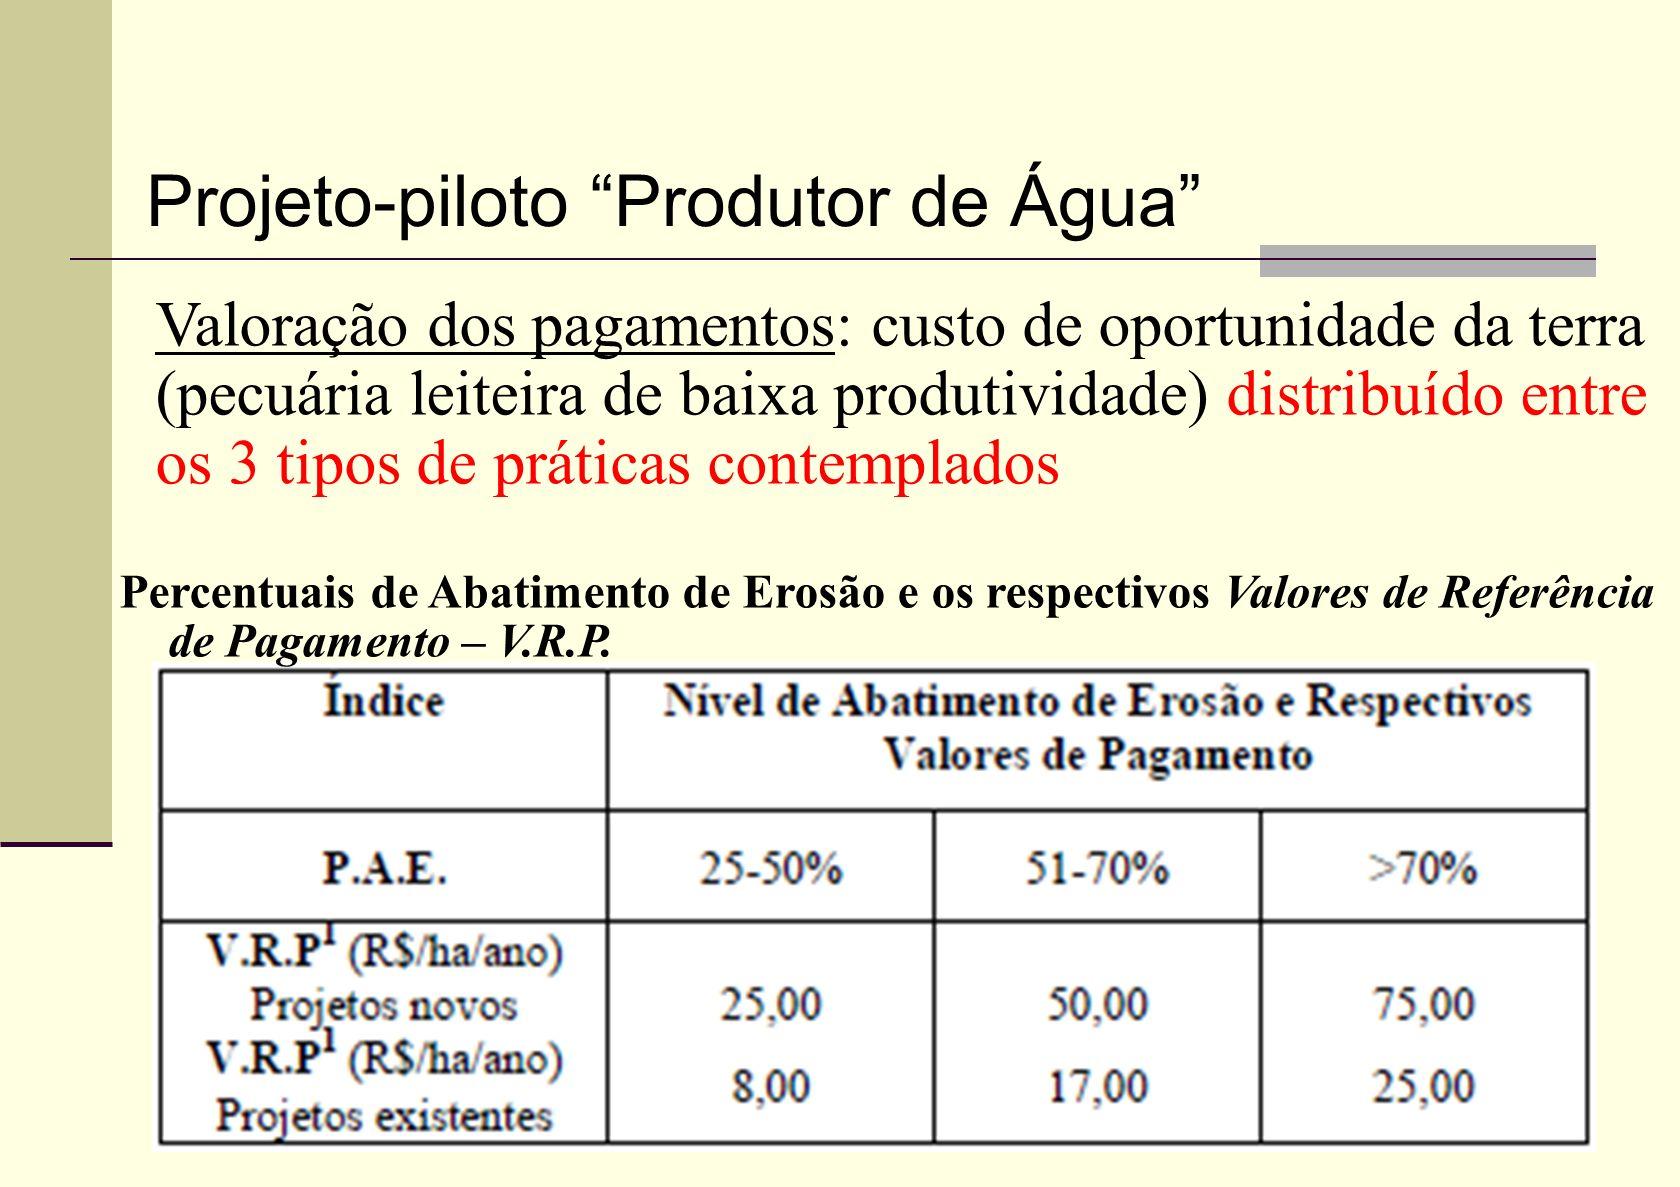 Valores de Referência de Pagamento para recuperação de áreas ciliares Projeto-piloto Produtor de Água Valoração dos pagamentos (continuação)